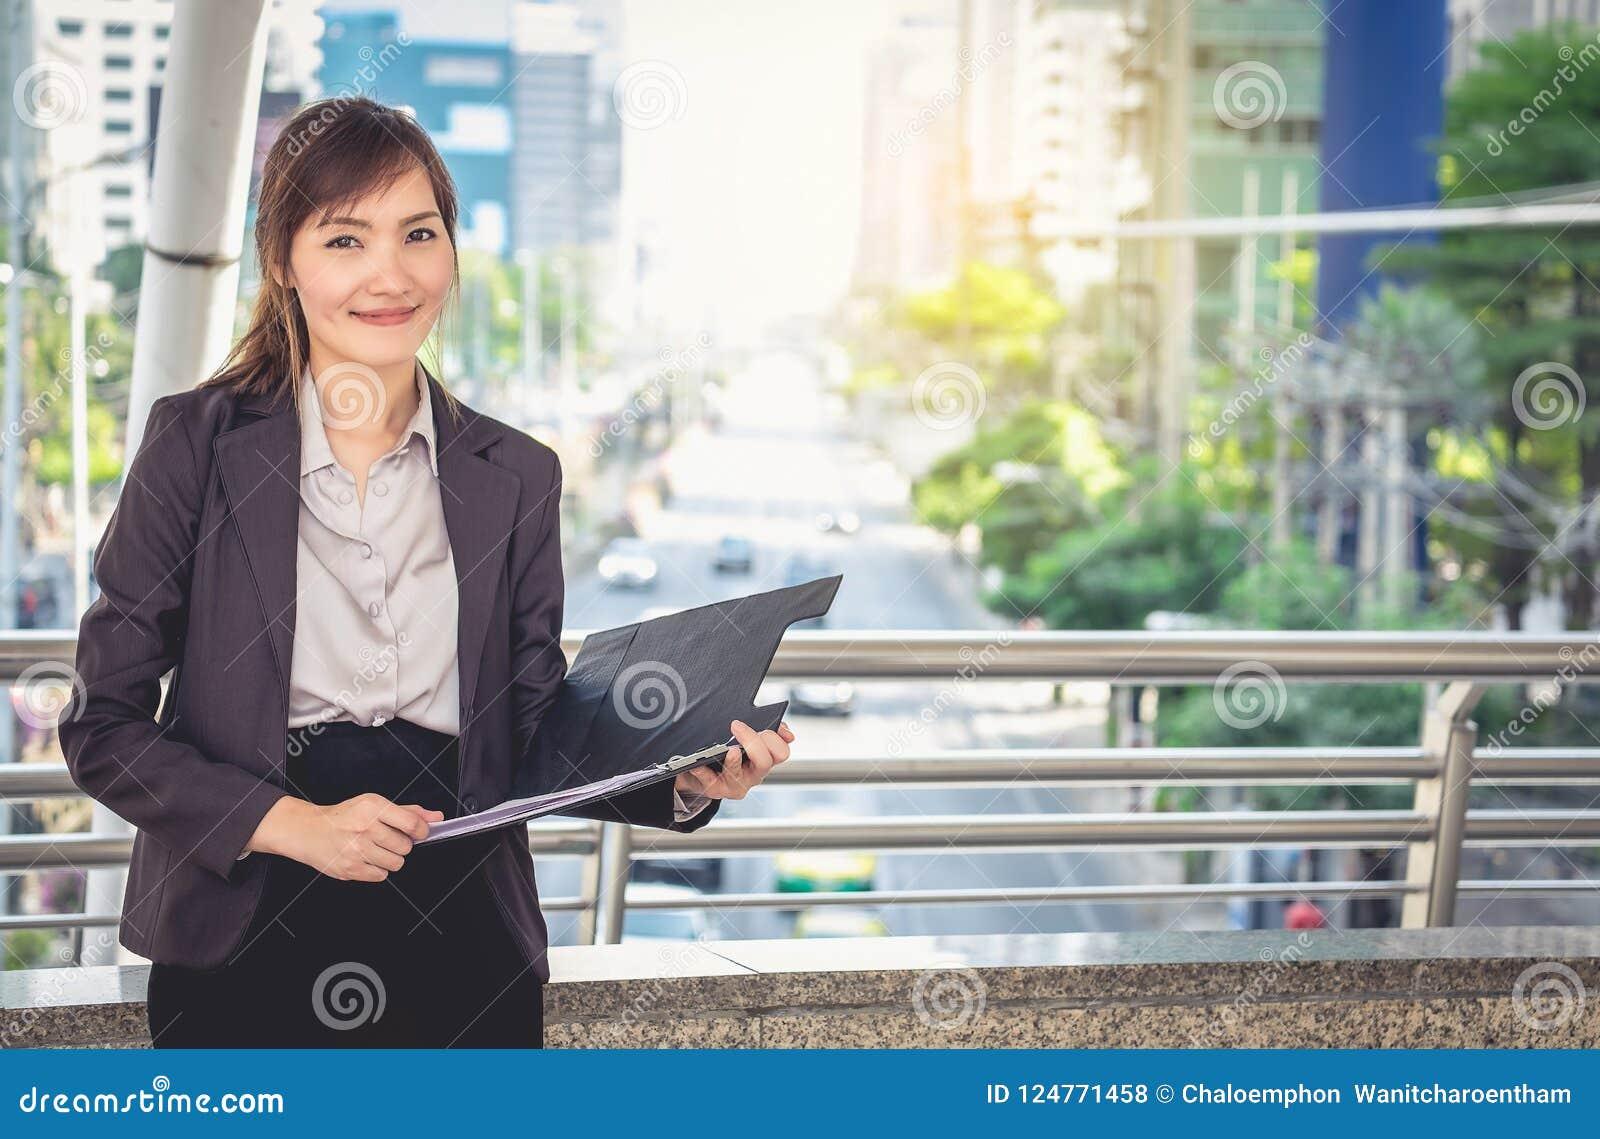 Le secrétaire se tient souriant et tenant un dossier avec un grand